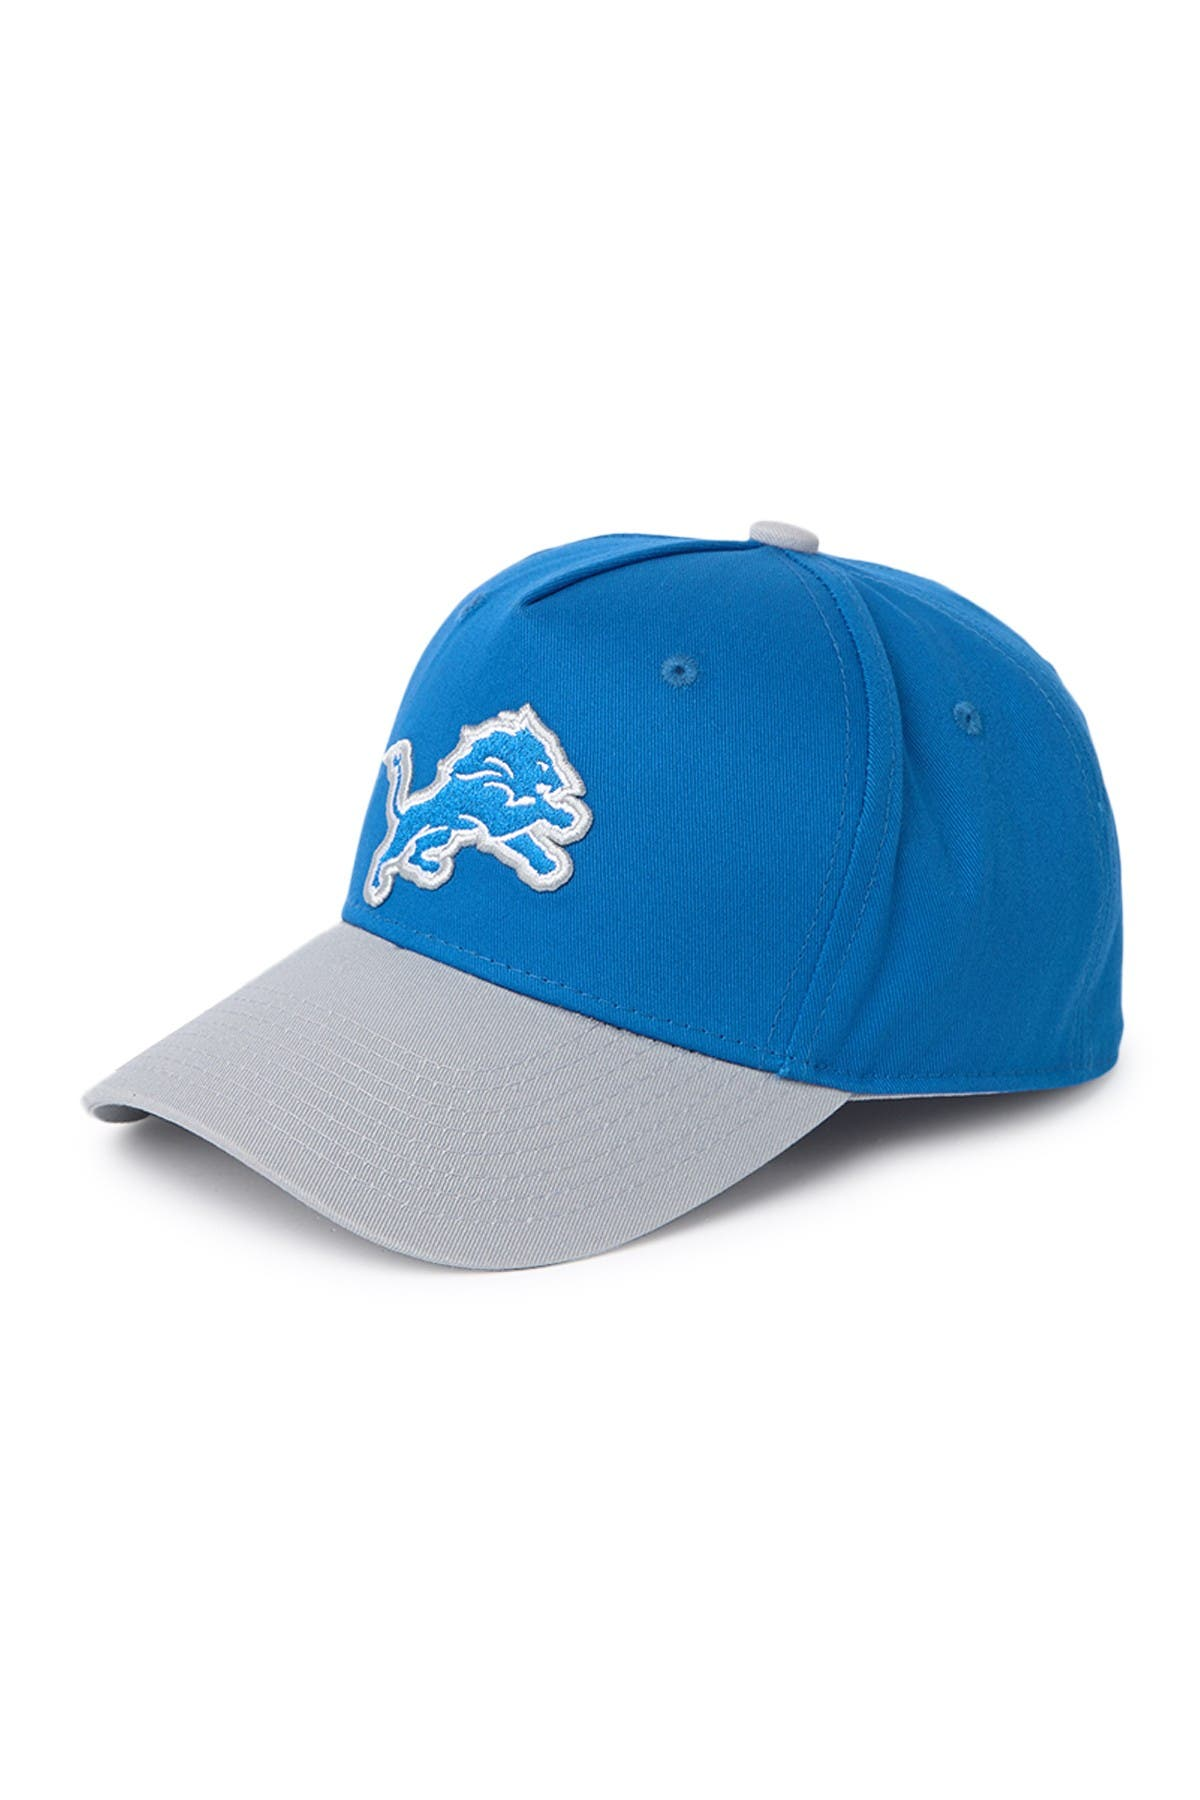 Image of NFL Logo NFL Detroit Lions Snapback Hat